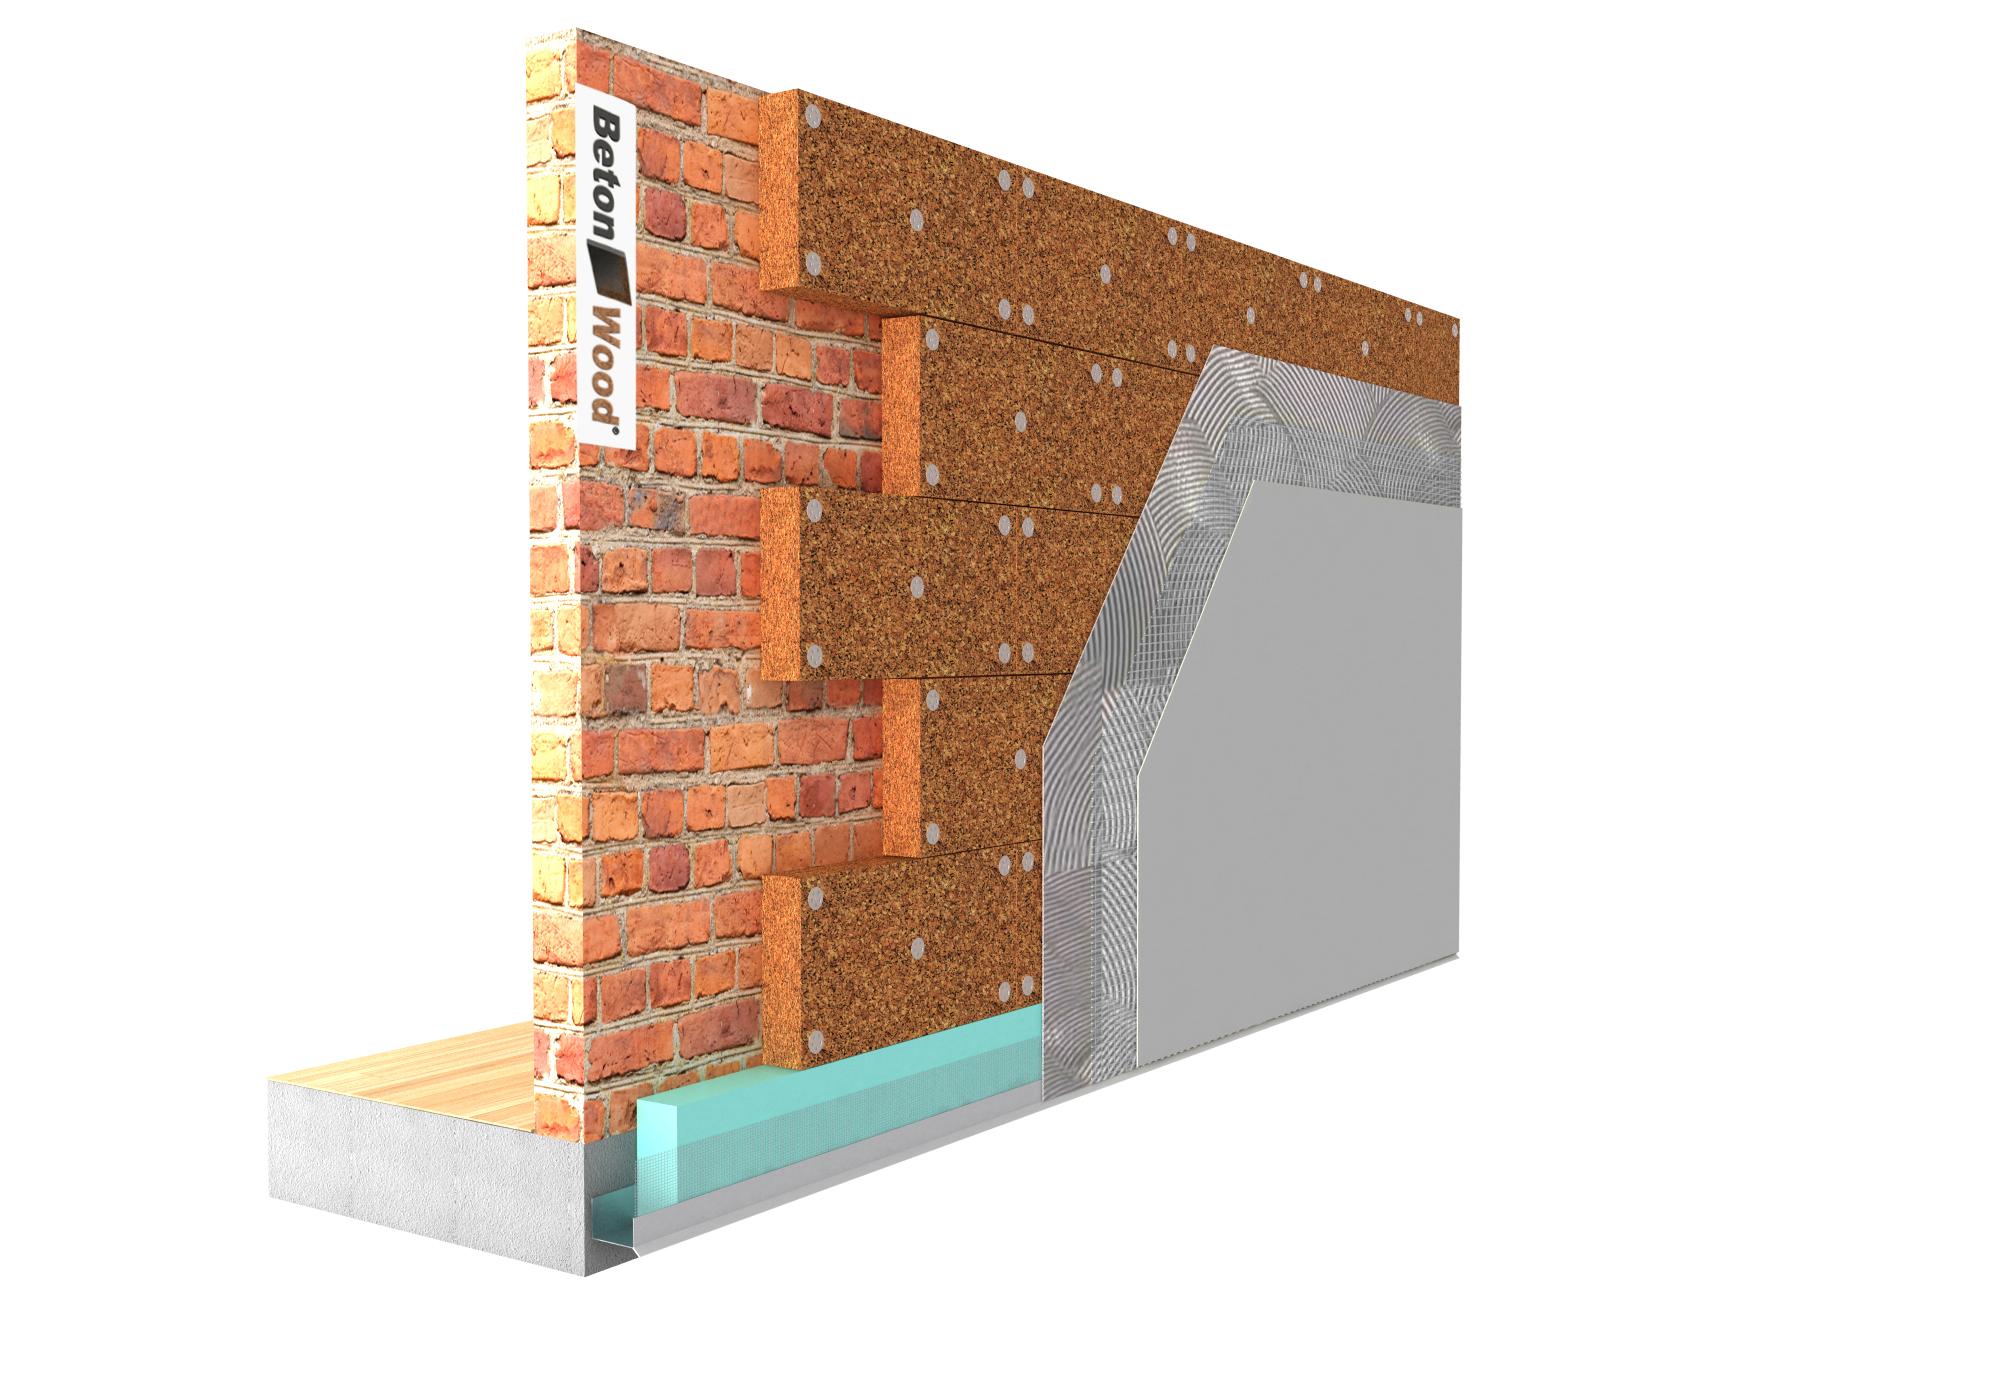 Soluzione tecnica Cappotto per isolamento termico esterno in pannelli sughero biondo su muratura